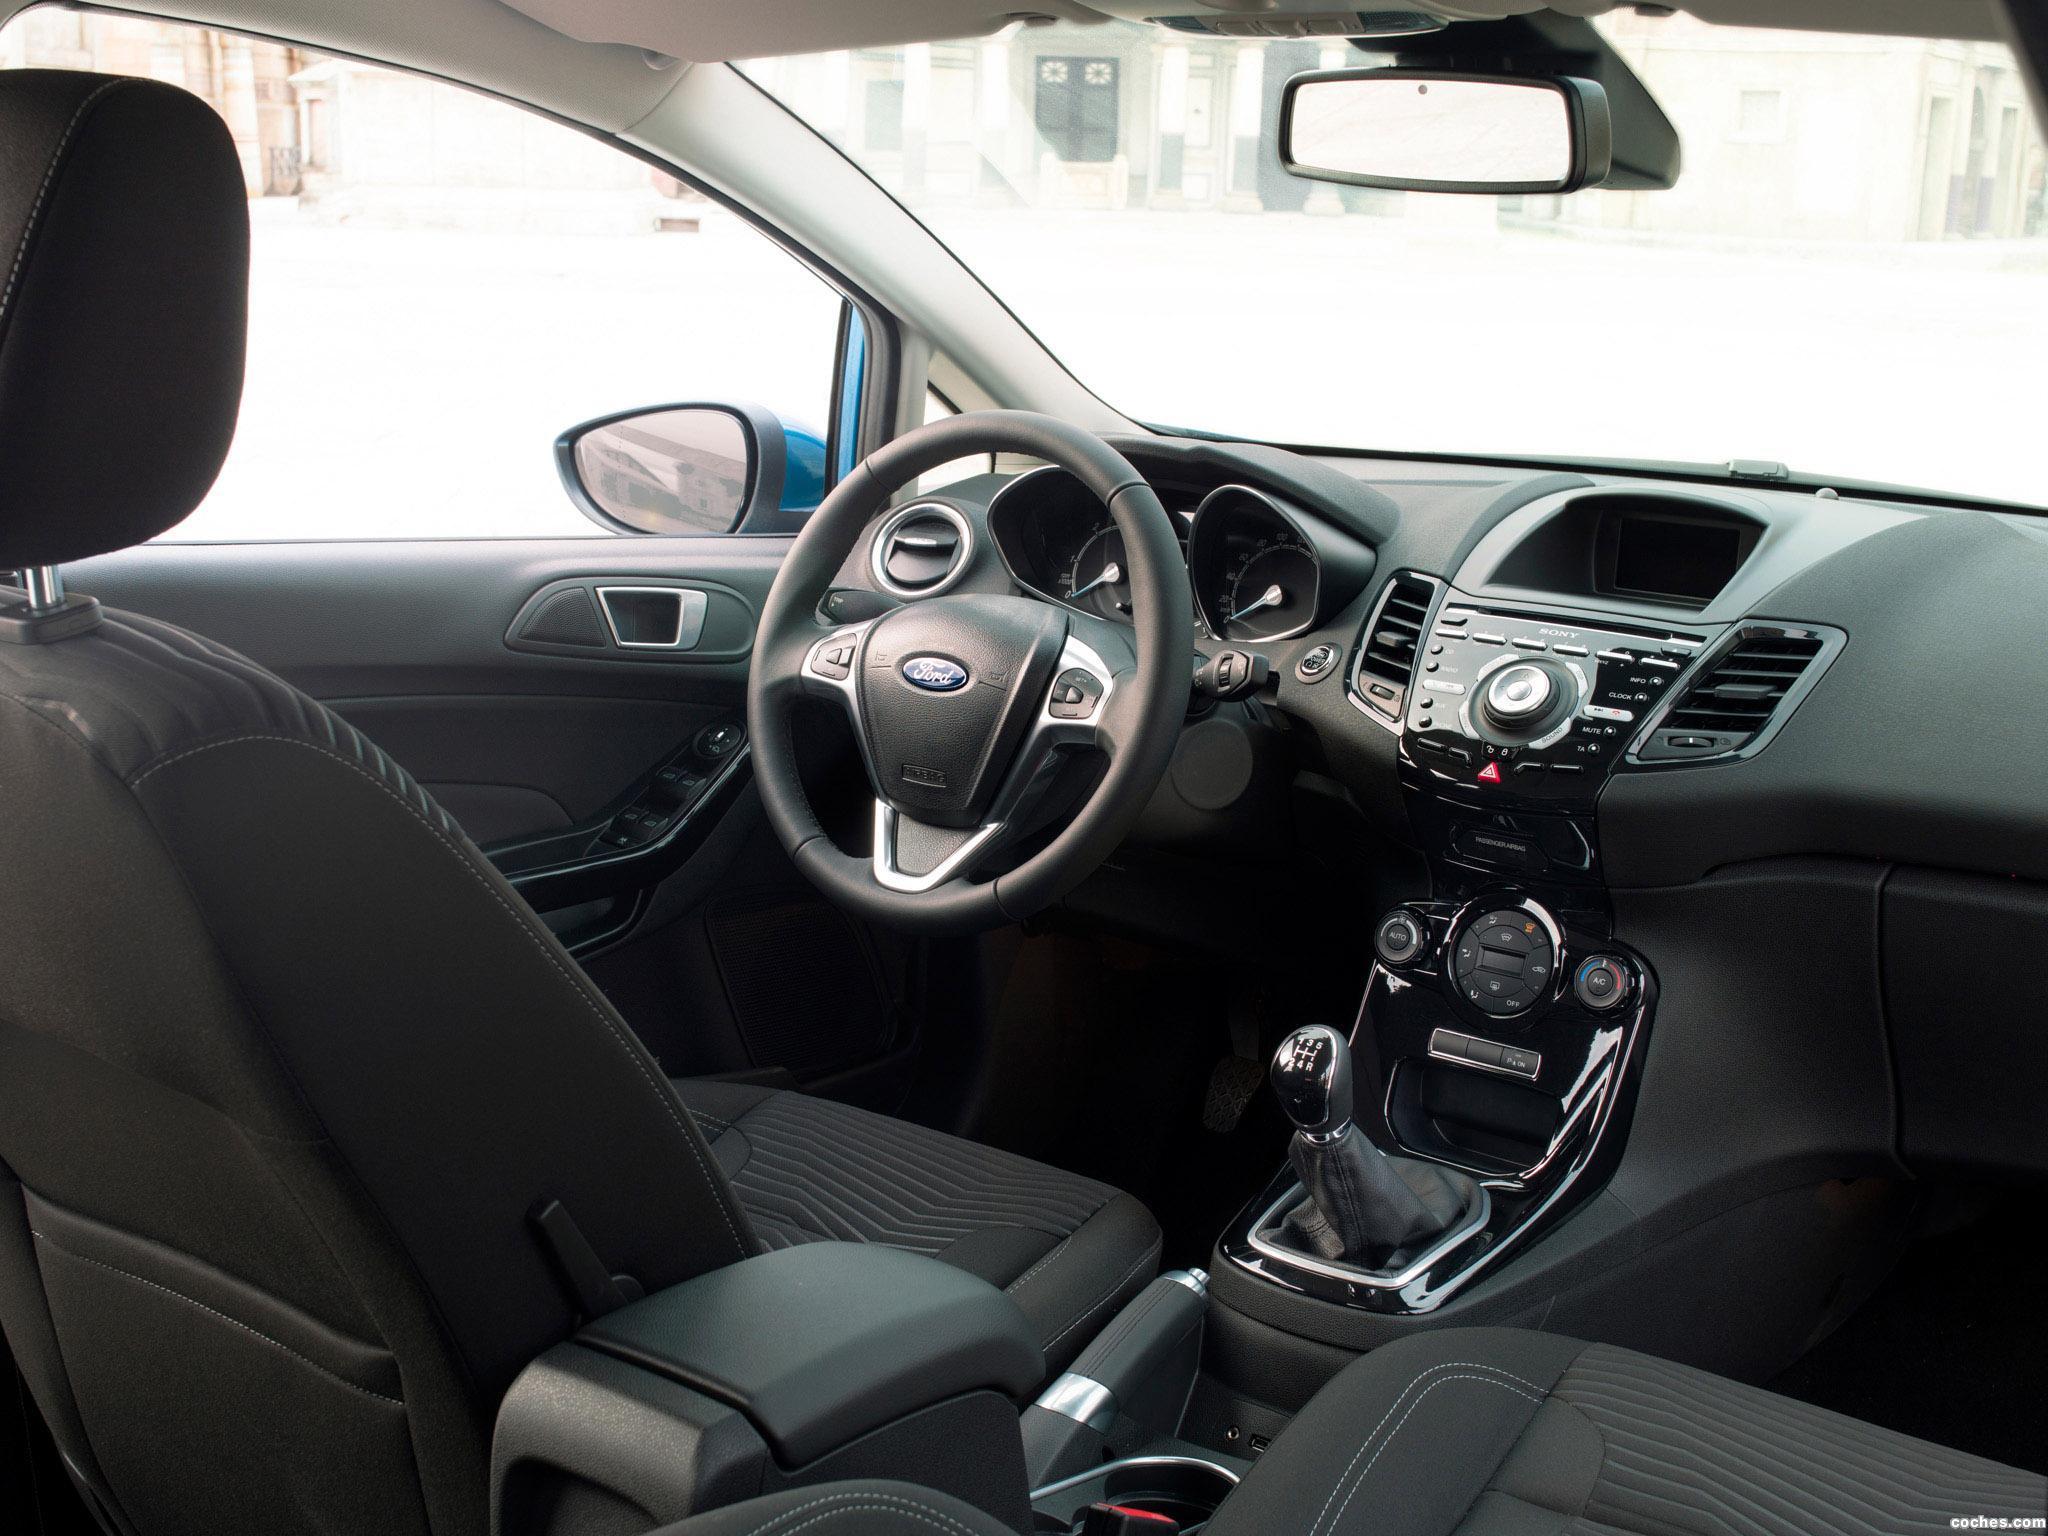 Foto 10 de Ford Fiesta 5 puertas 2013